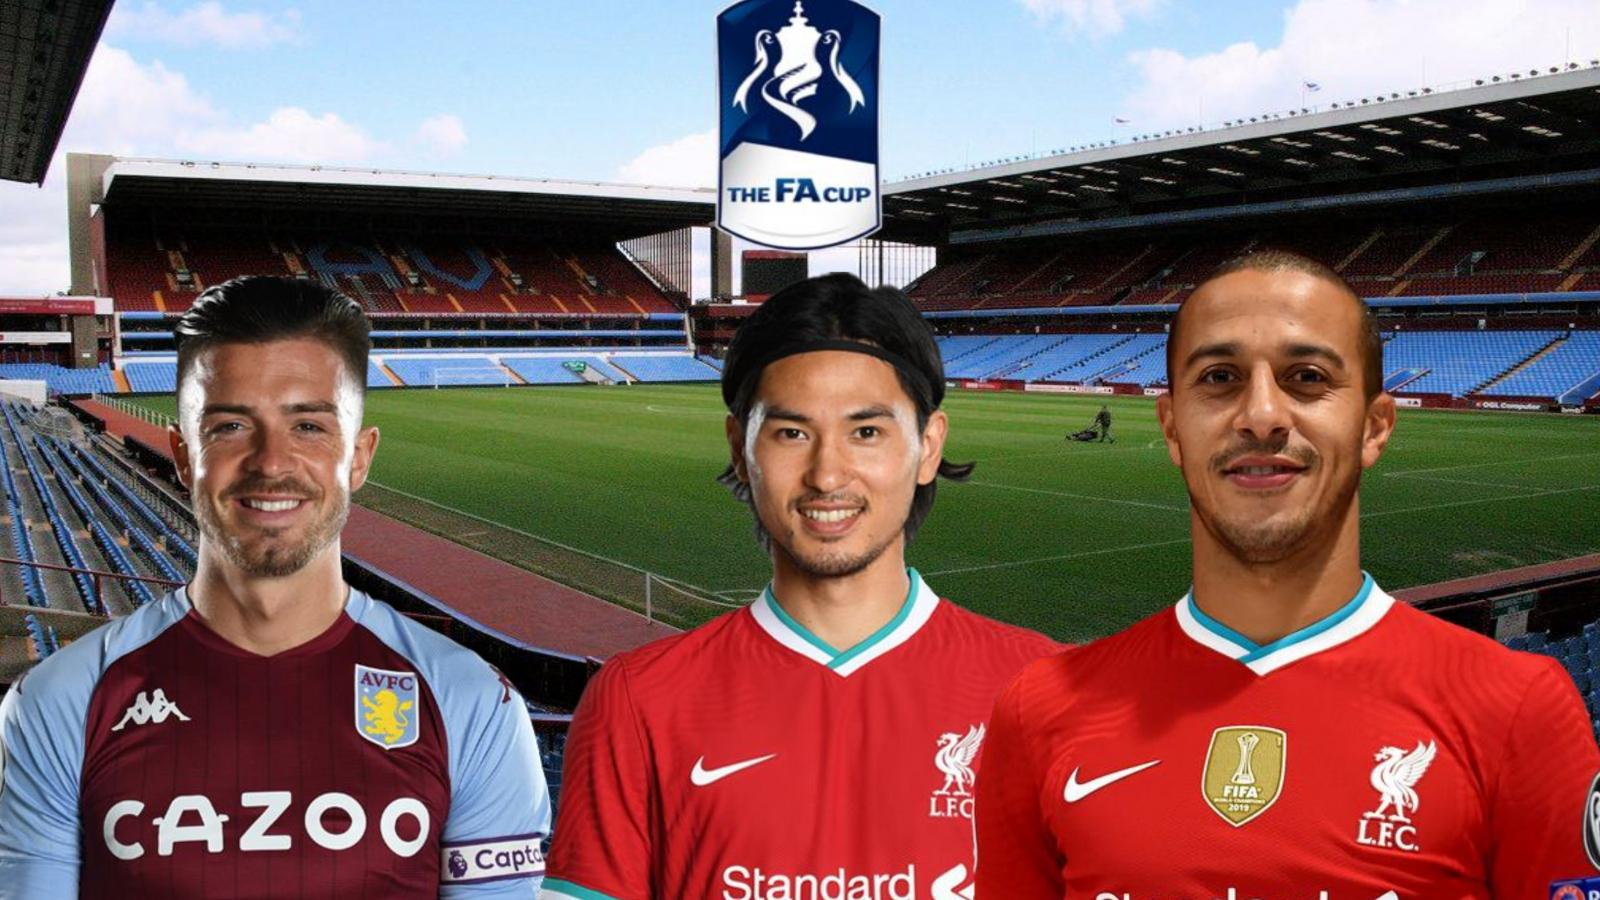 Dự đoán kết quả, đội hình xuất phát trận Aston Villa - Liverpool